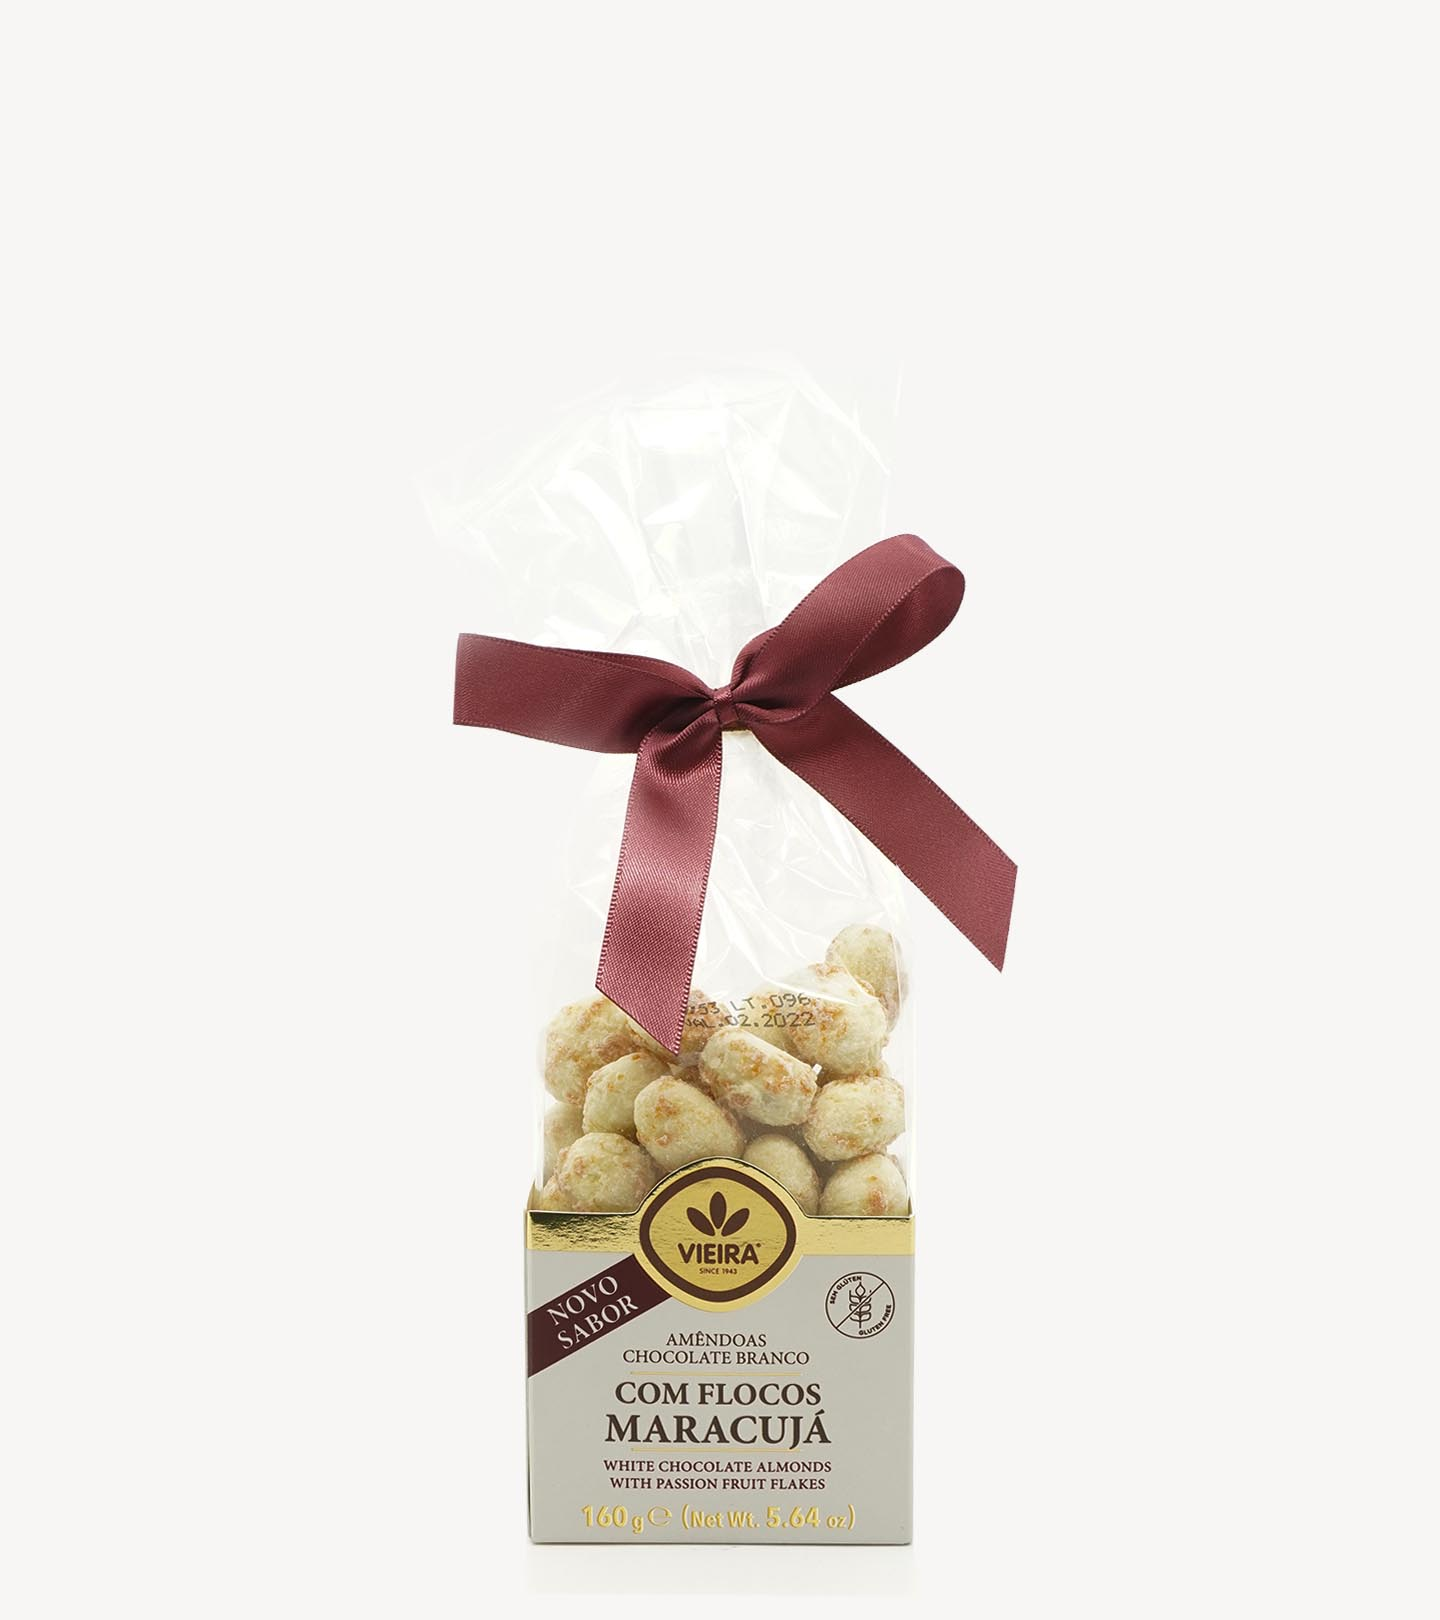 Amêndoas Chocolate Branco com Flocos de Maracuja Vieira 160